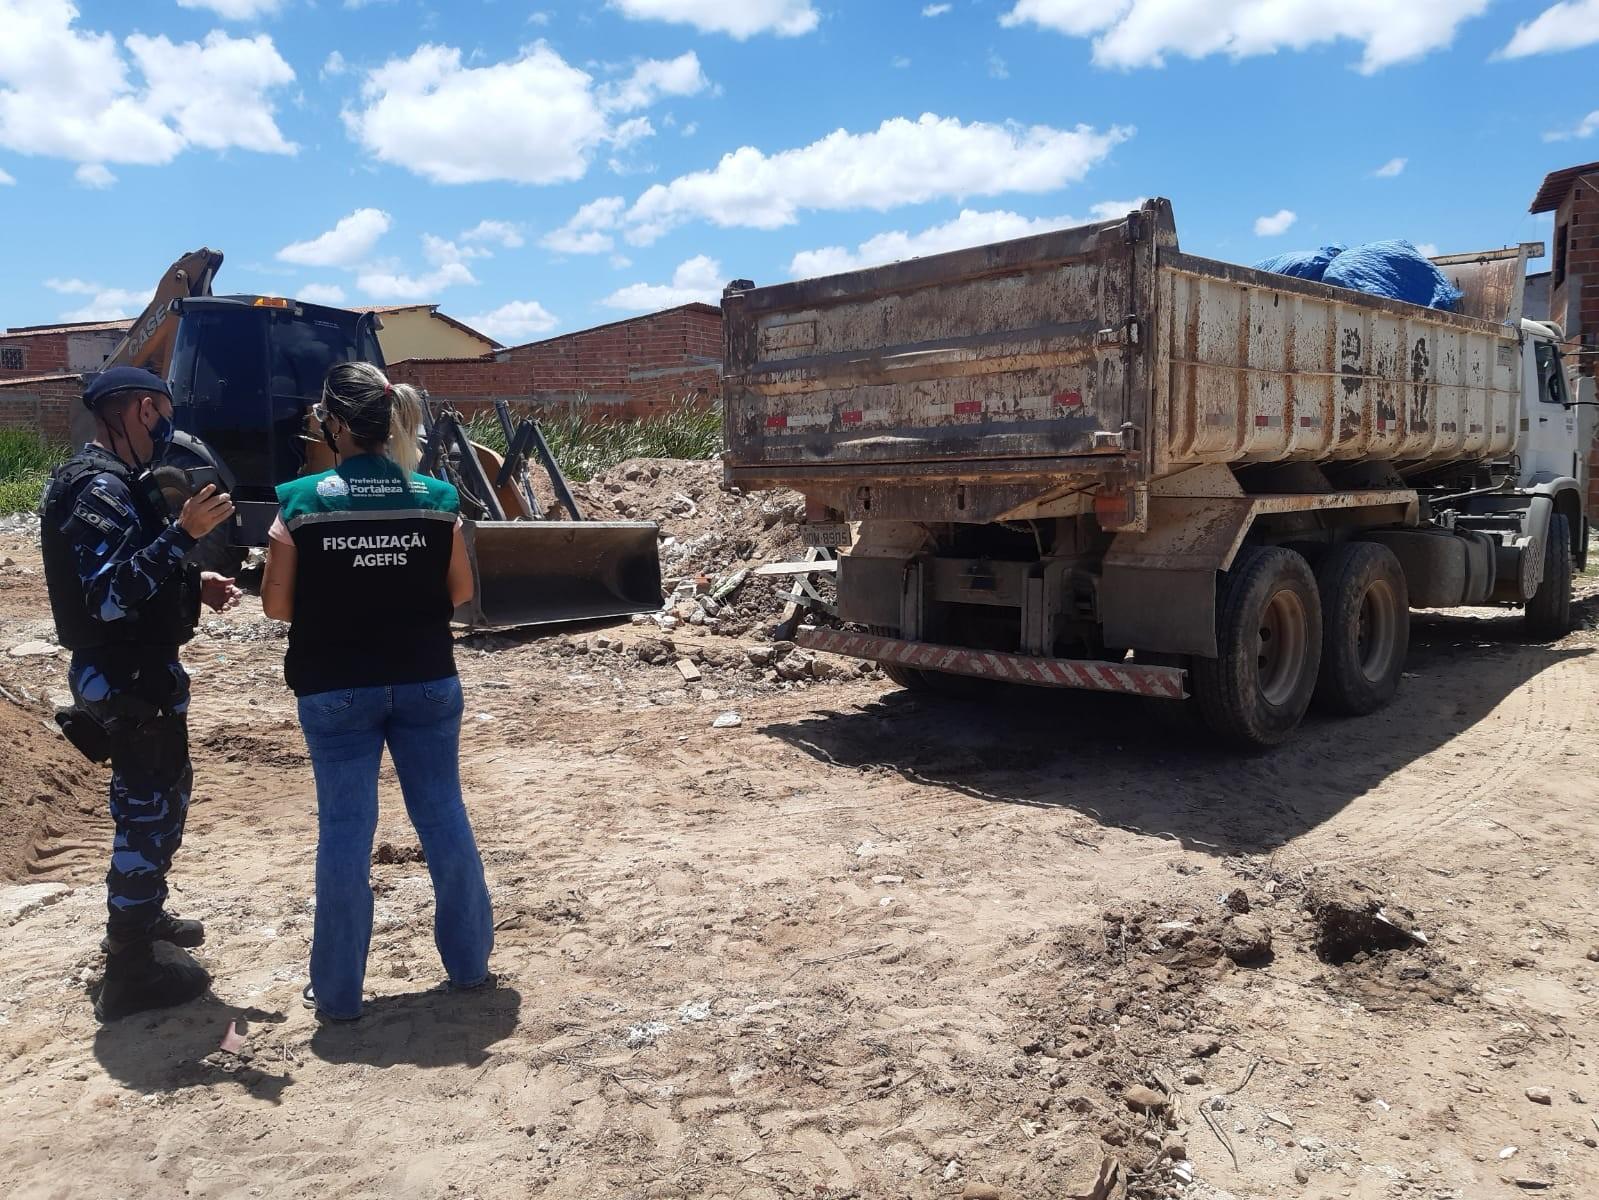 Responsável por aterramento irregular em zona de preservação ambiental em Fortaleza é autuado pela Agefis